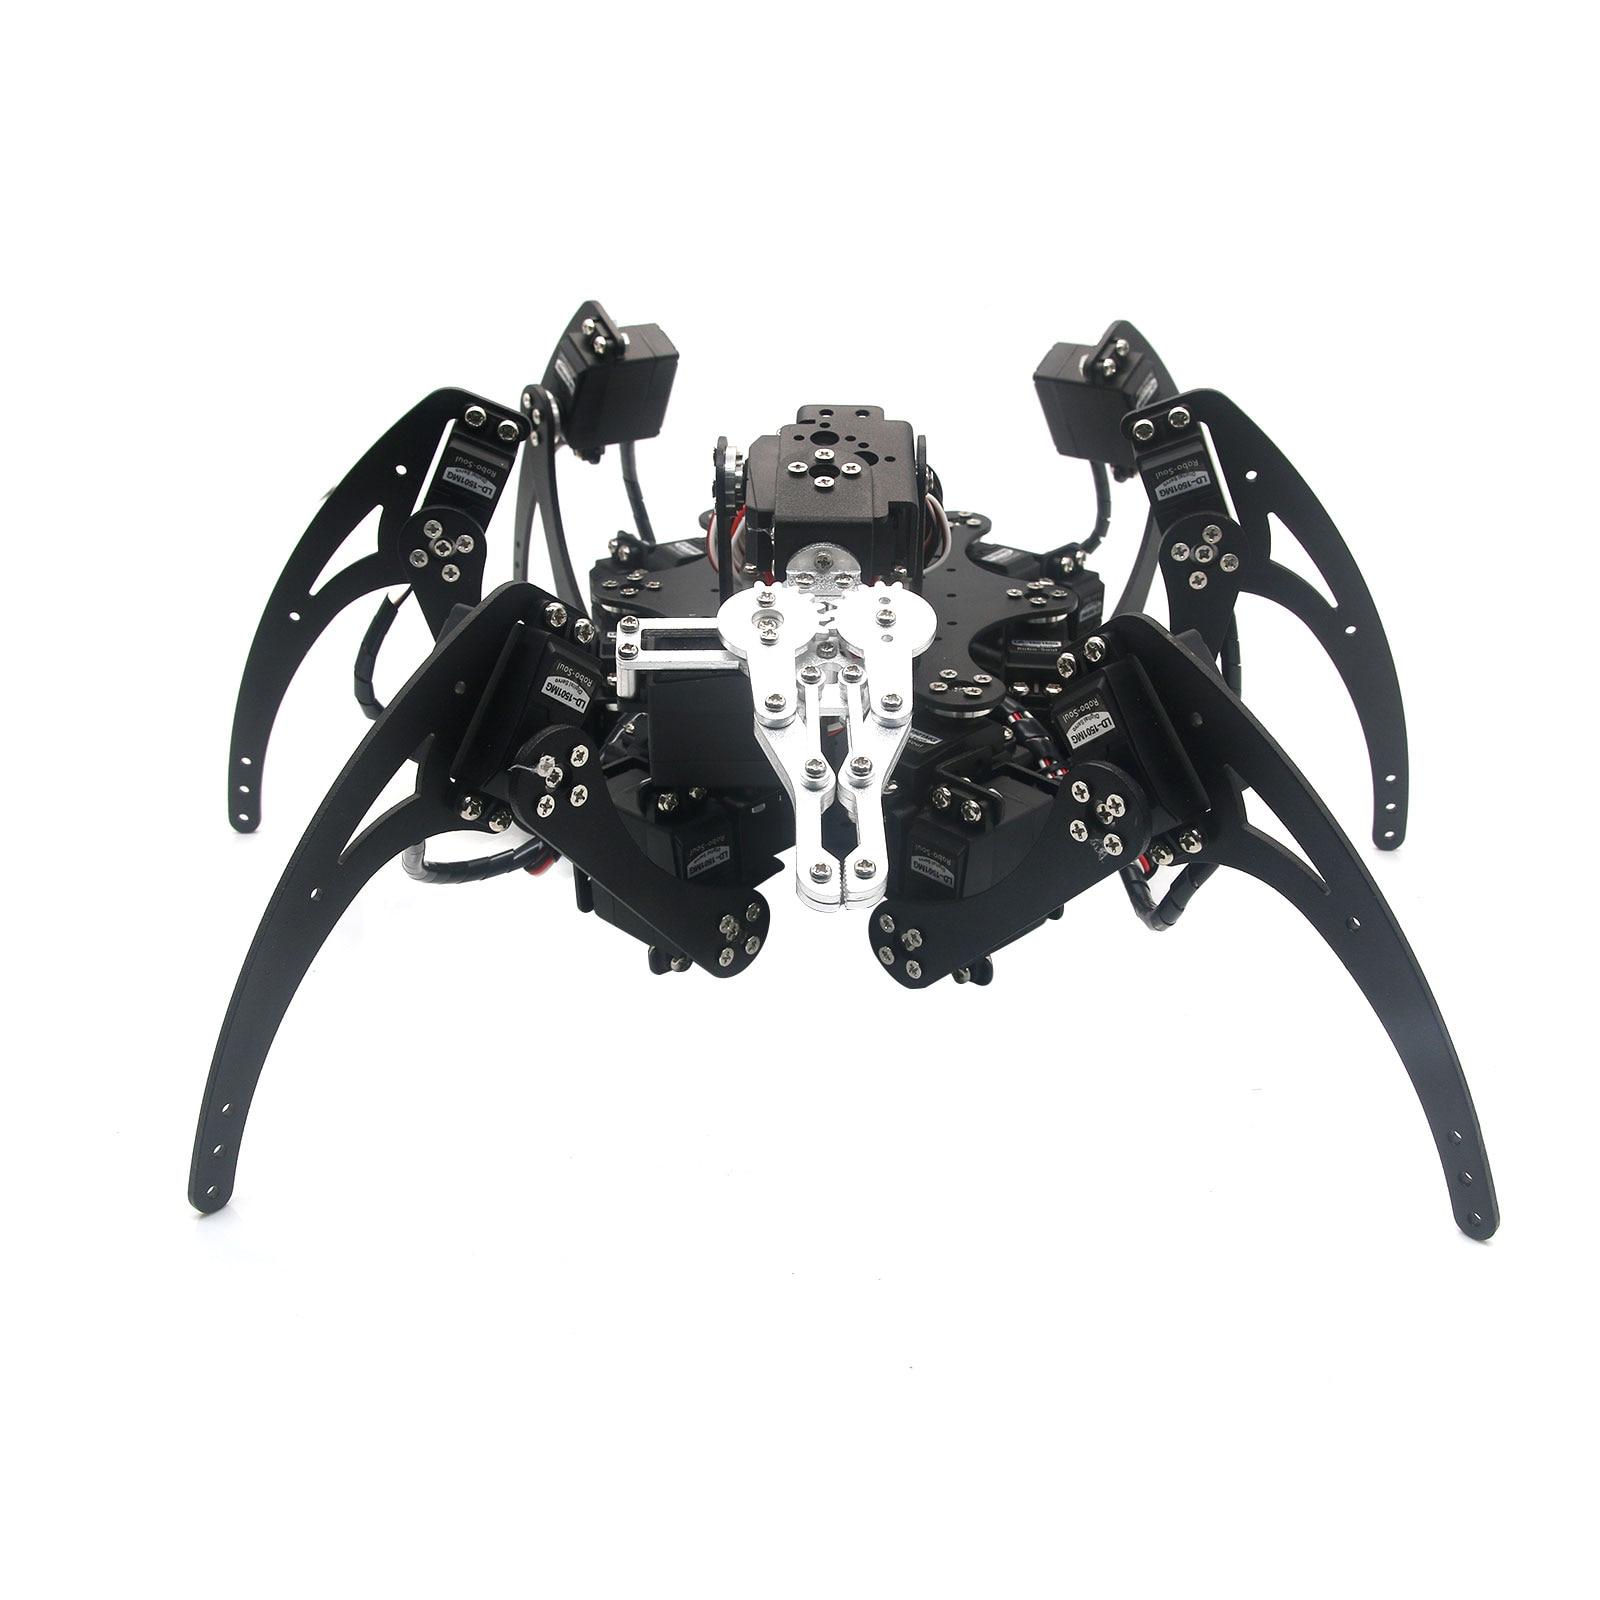 20DOF Aluminium Hexapod Robotic Spider Six Legs Robot Frame Kit for Toy Diy 18dof aluminium hexapod spider six legs robot kit w 18pcs mg996r servo